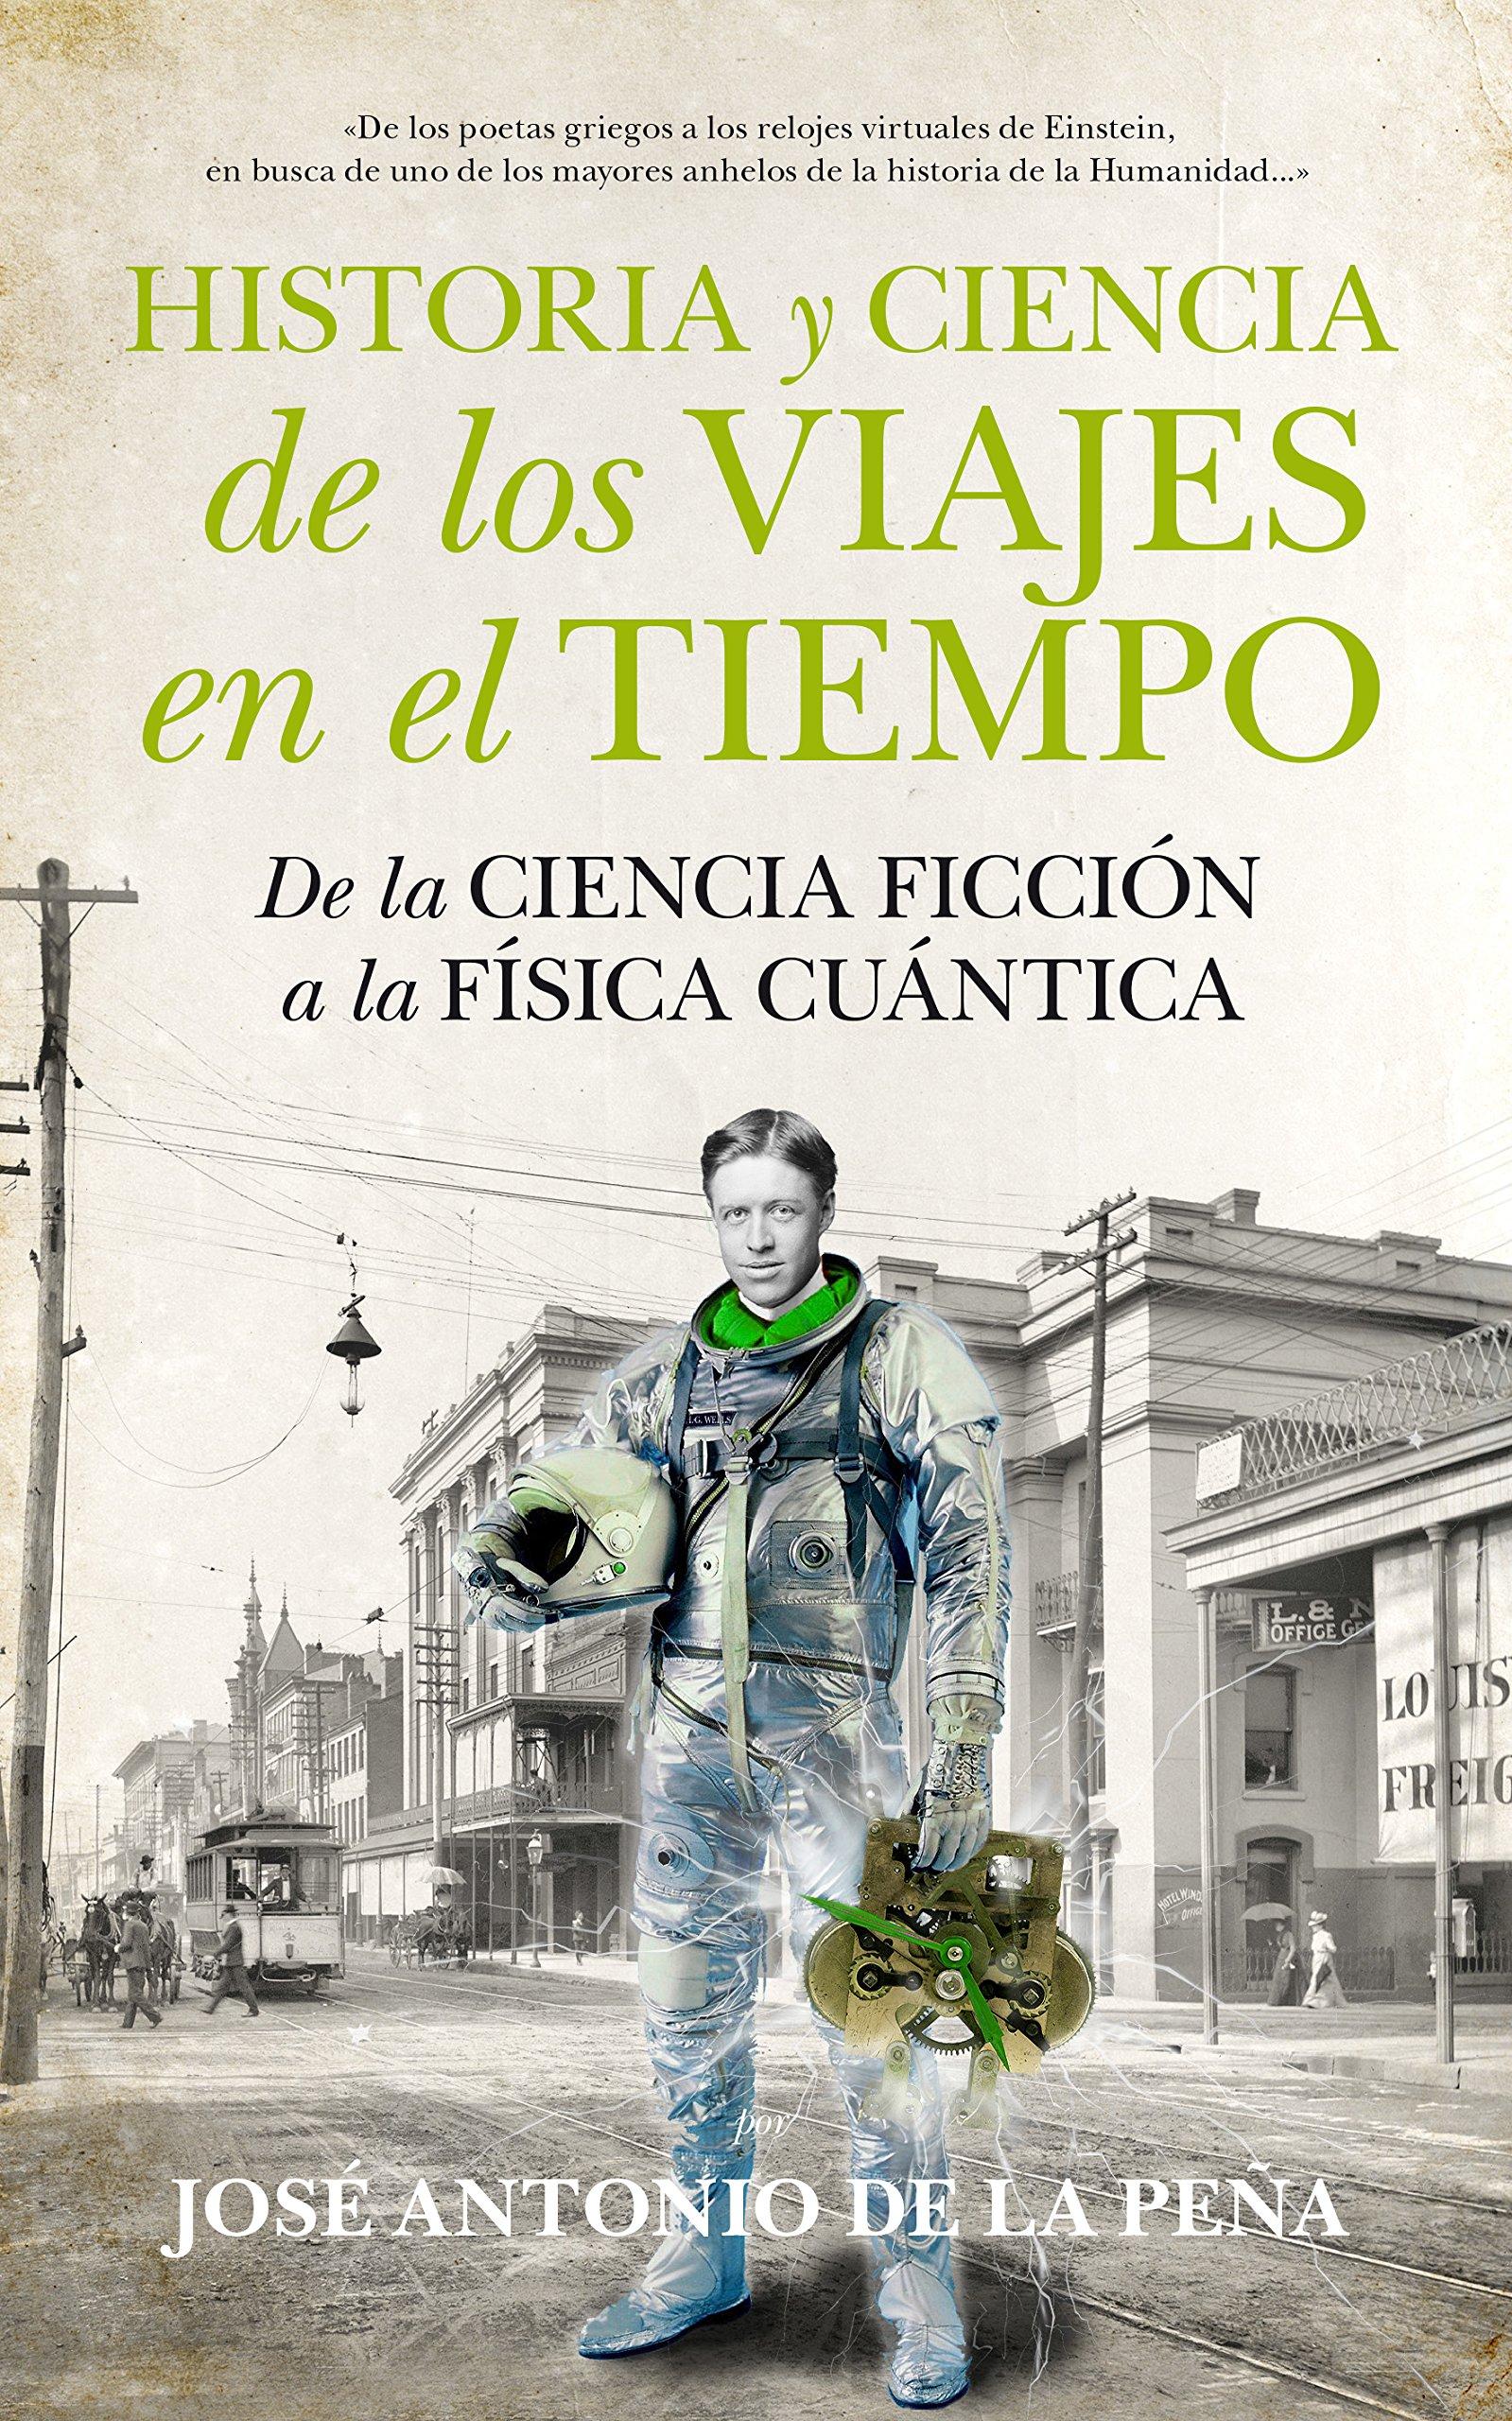 Historia y ciencia de los viajes en el tiempo: De la Ciencia Ficción a la Física Cuántica (Spanish) Paperback – 2014